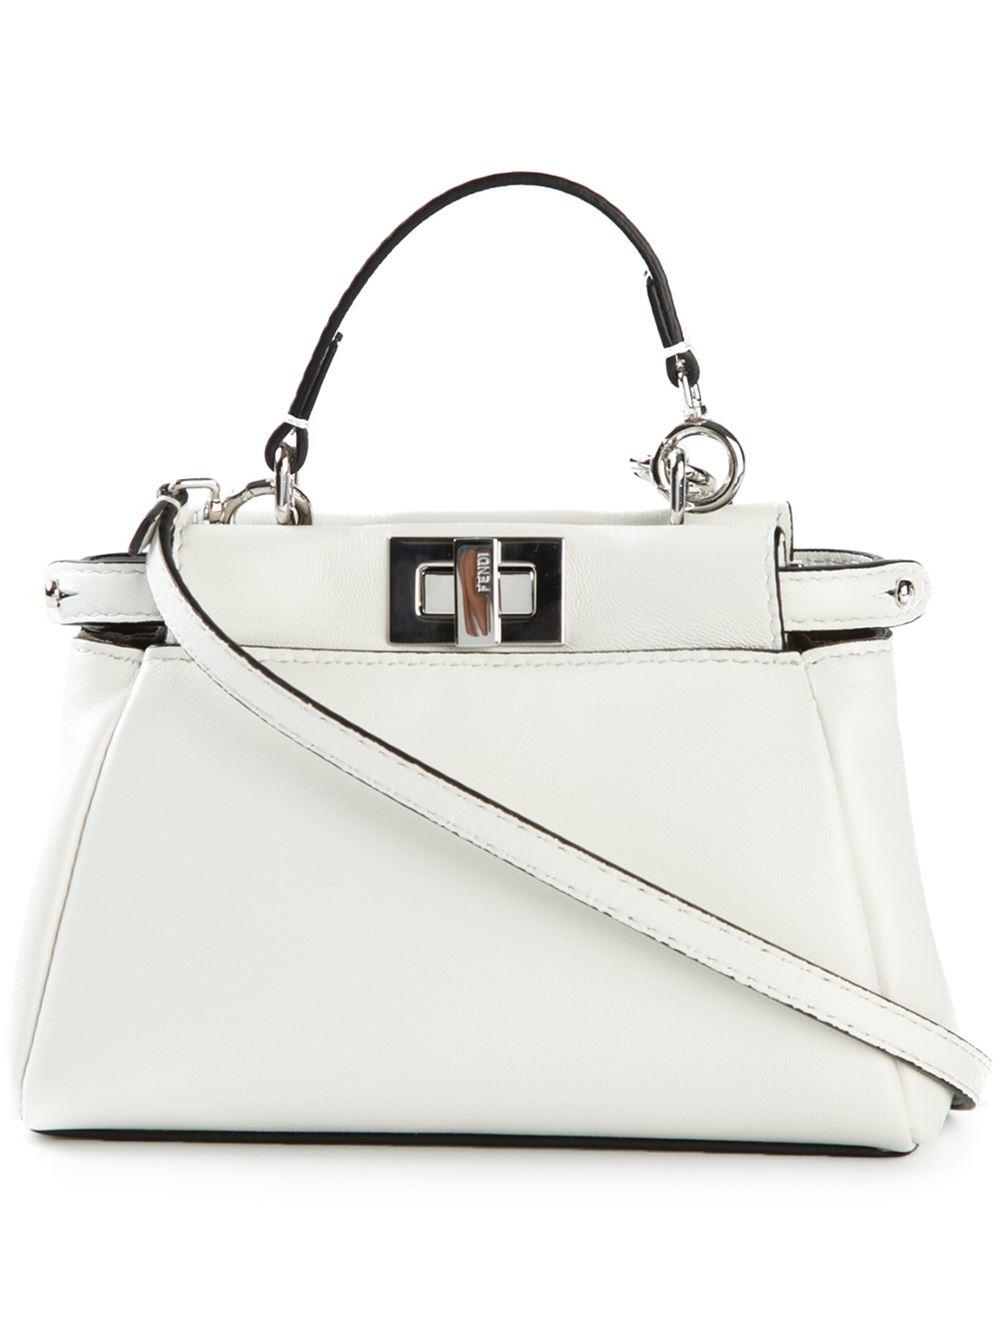 5593fed53d Lyst - Fendi Micro  peekaboo  Crossbody Bag in White